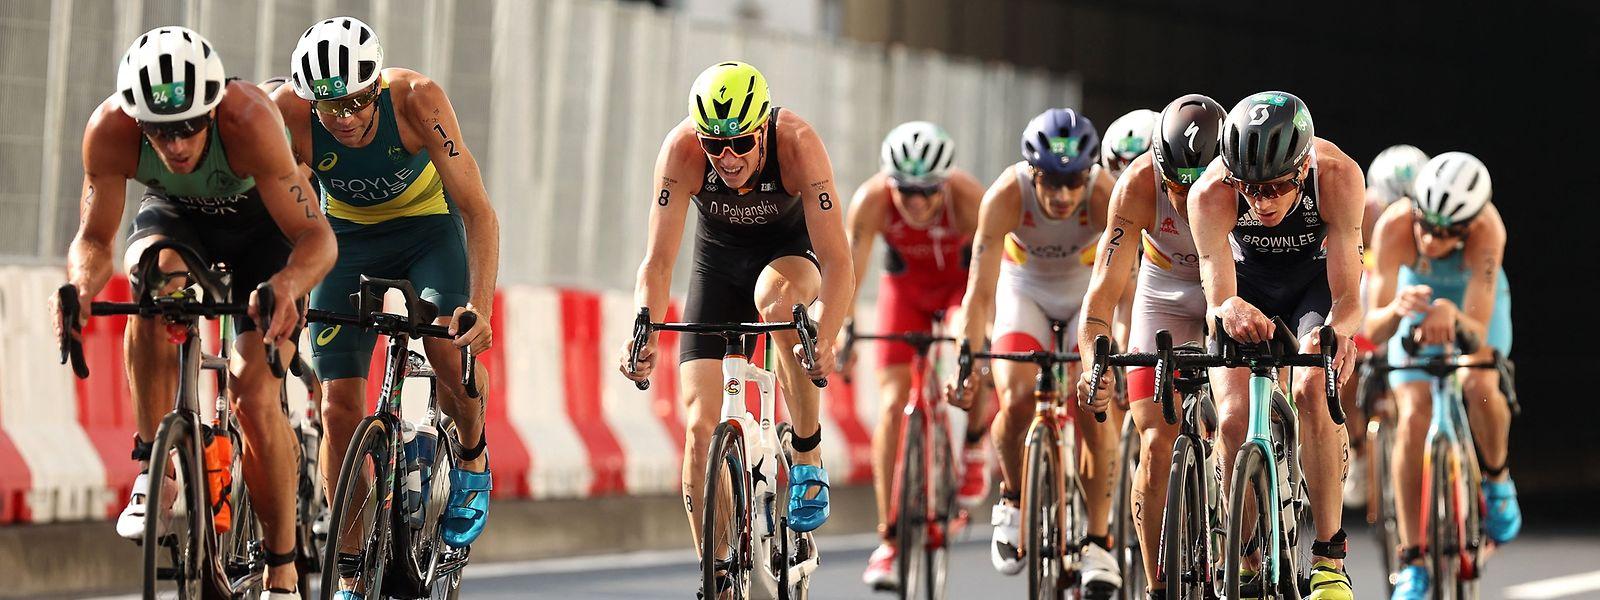 À esquerda, (n°24) o atleta português João Pereira em prova nos Jogos Olímpicos deste ano, no Japão.